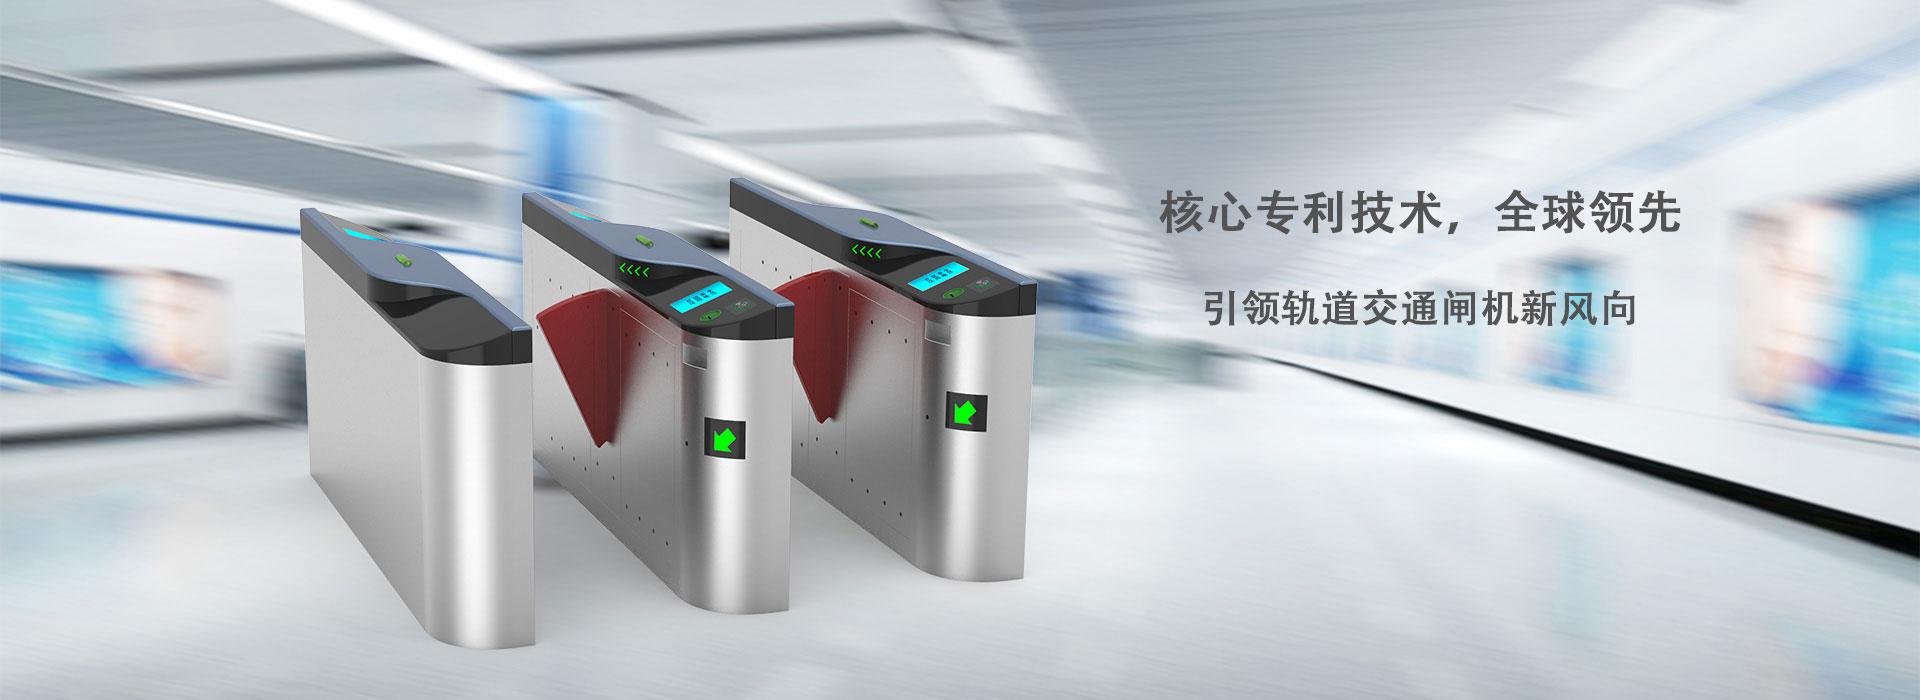 地铁自动检票机